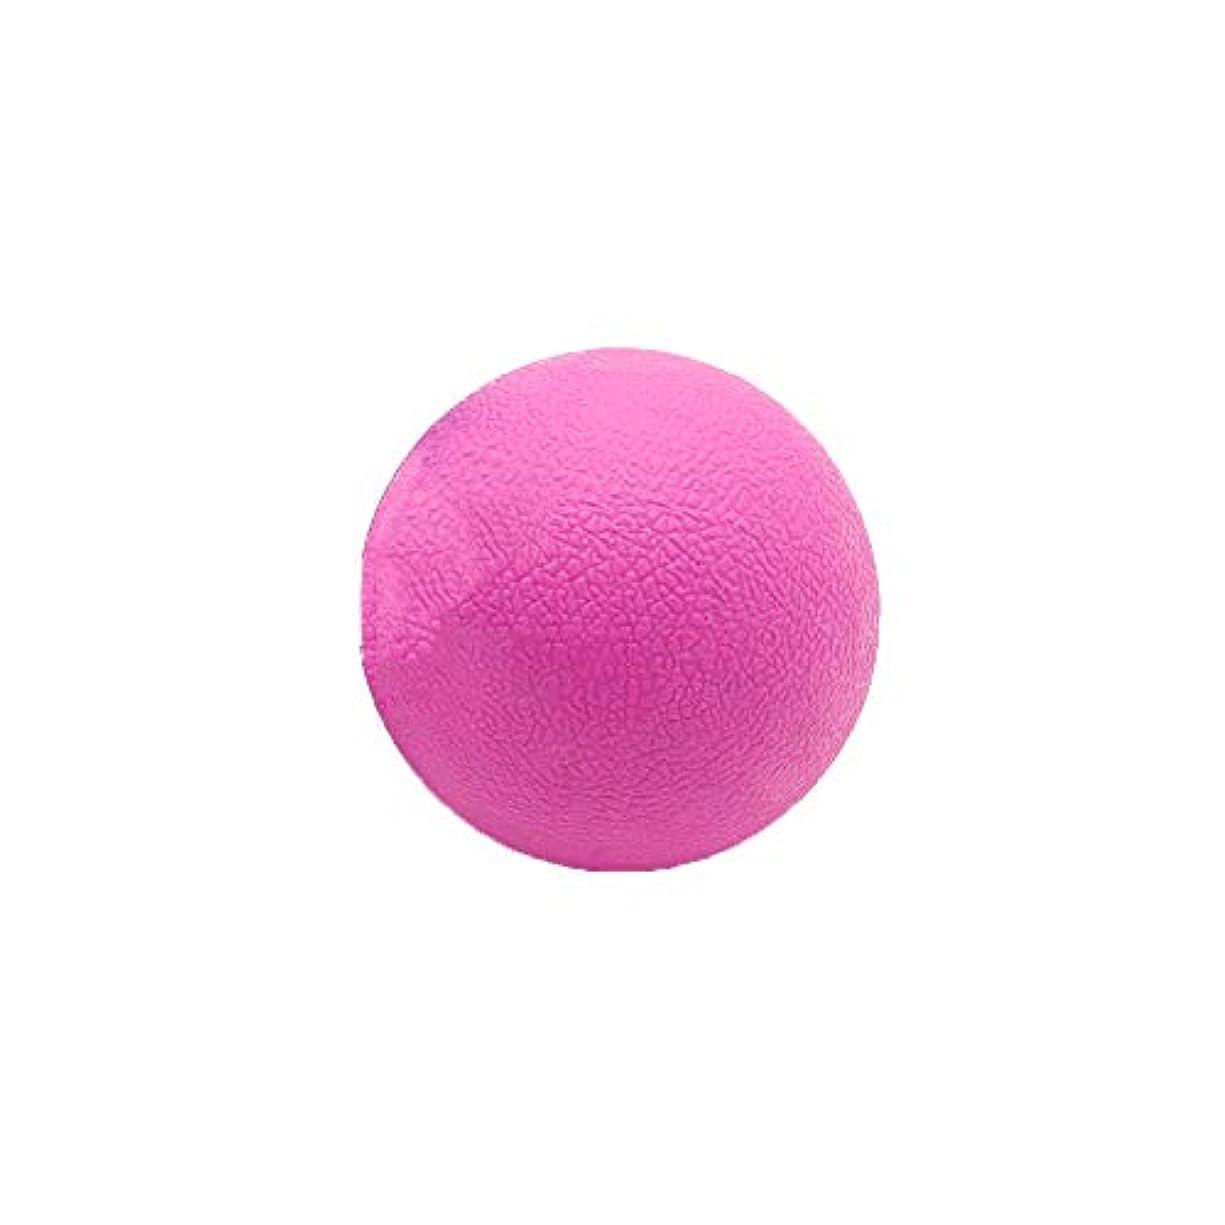 液体スケート真似るTyou ロングホッケー ボール ストレッチ リリース マッサージボール 足部 マッサージボール 背中 筋肉 トレーニングボール ピンク